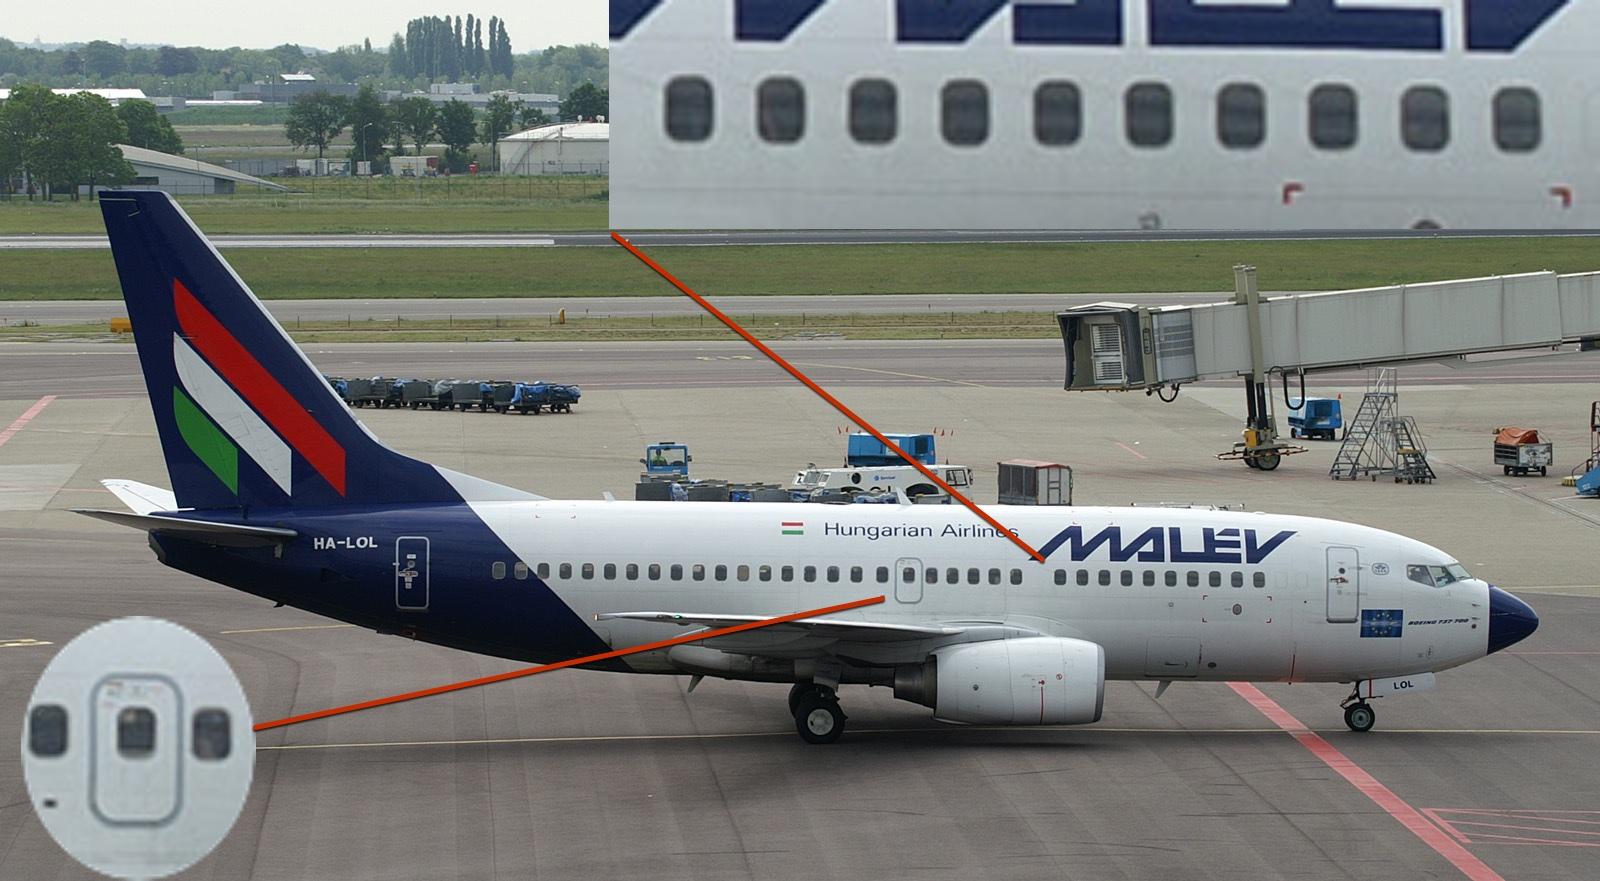 У 737-700 один выход и 10-11 окошек, как и у 737-300.